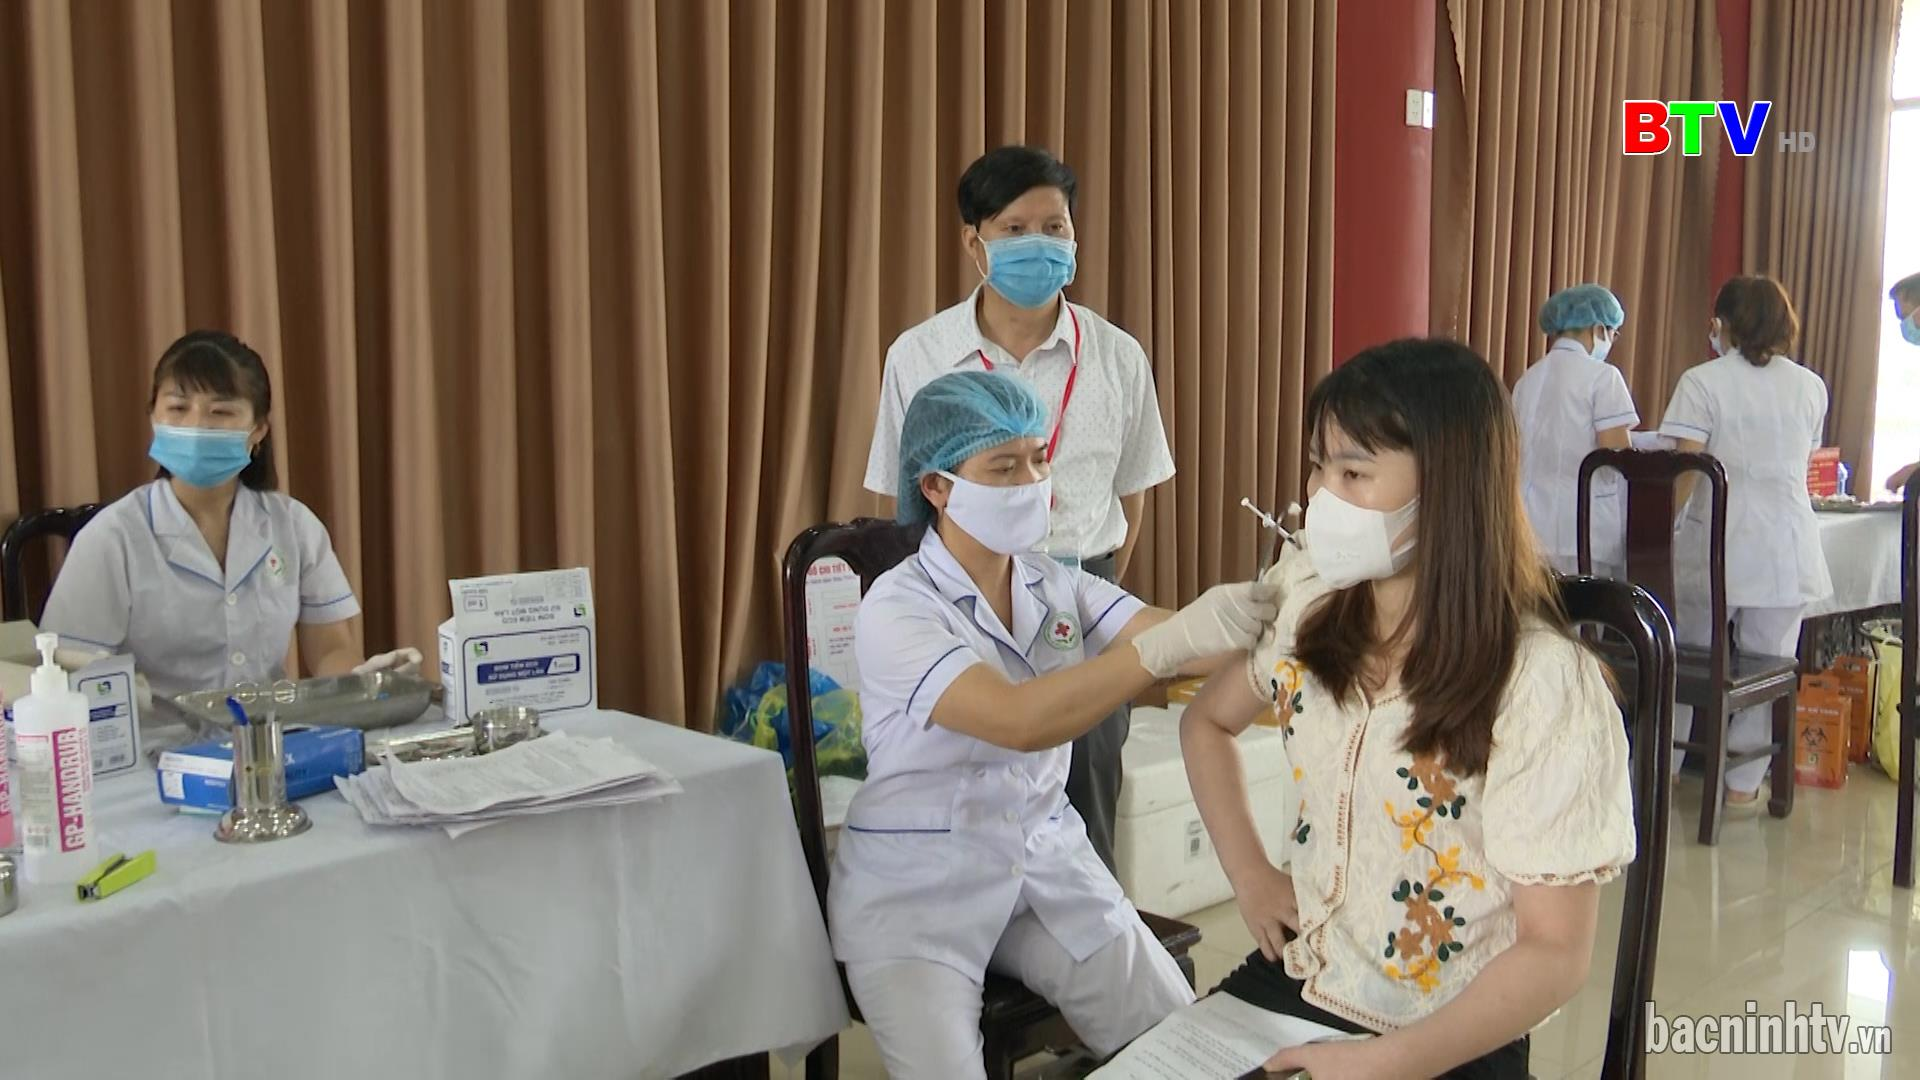 Cho phép tiêm trộn vắc xin Pfizer và Moderna